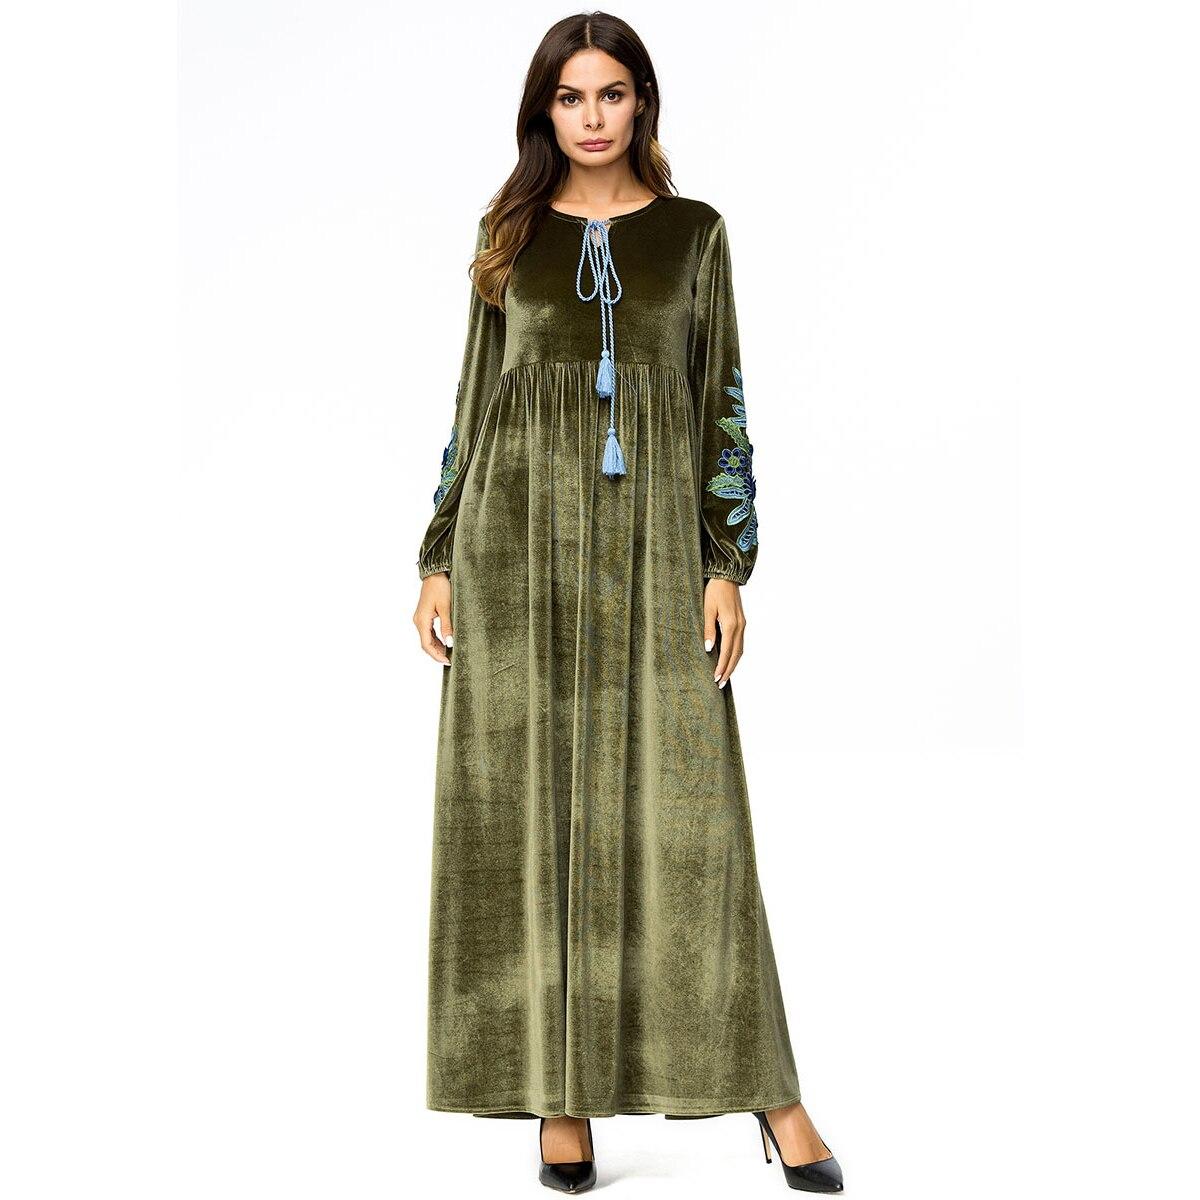 55249da78c19 Vestito Lunga Del Lungo Fiore A O Ricamo collo Donna Di Verde Più Abiti  Formato 4xl Dress Robe Il ...